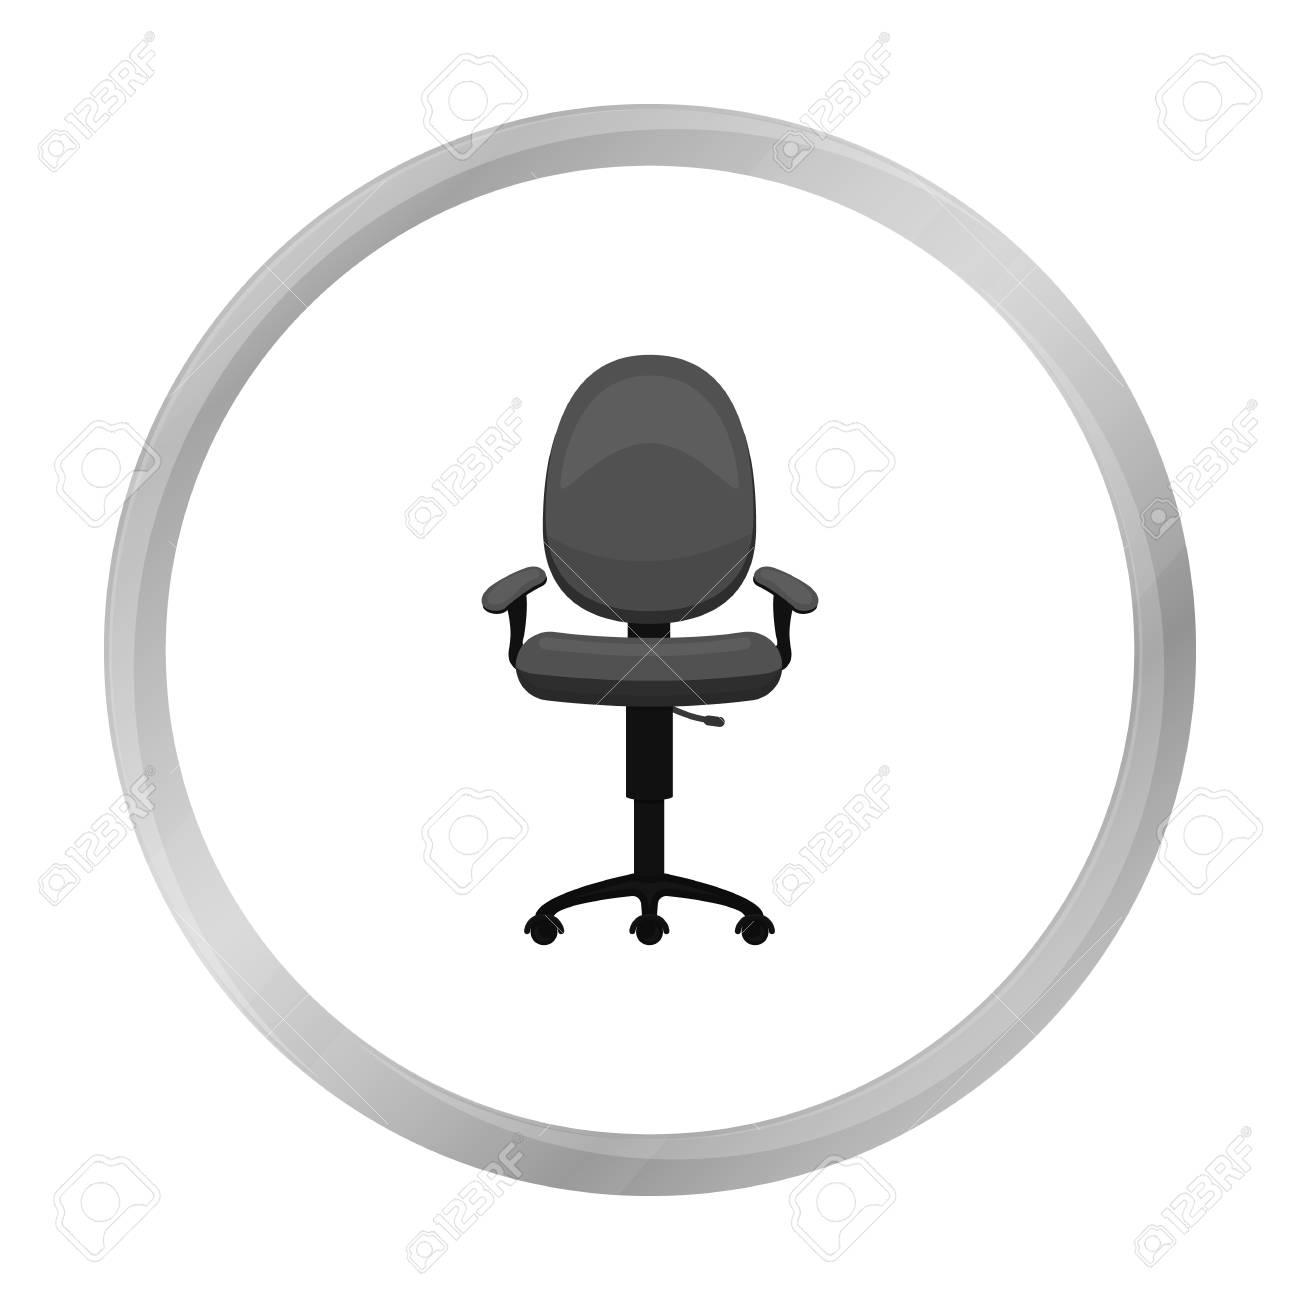 Burostuhl Symbol In Schwarz Weiss Stil Auf Weissem Hintergrund